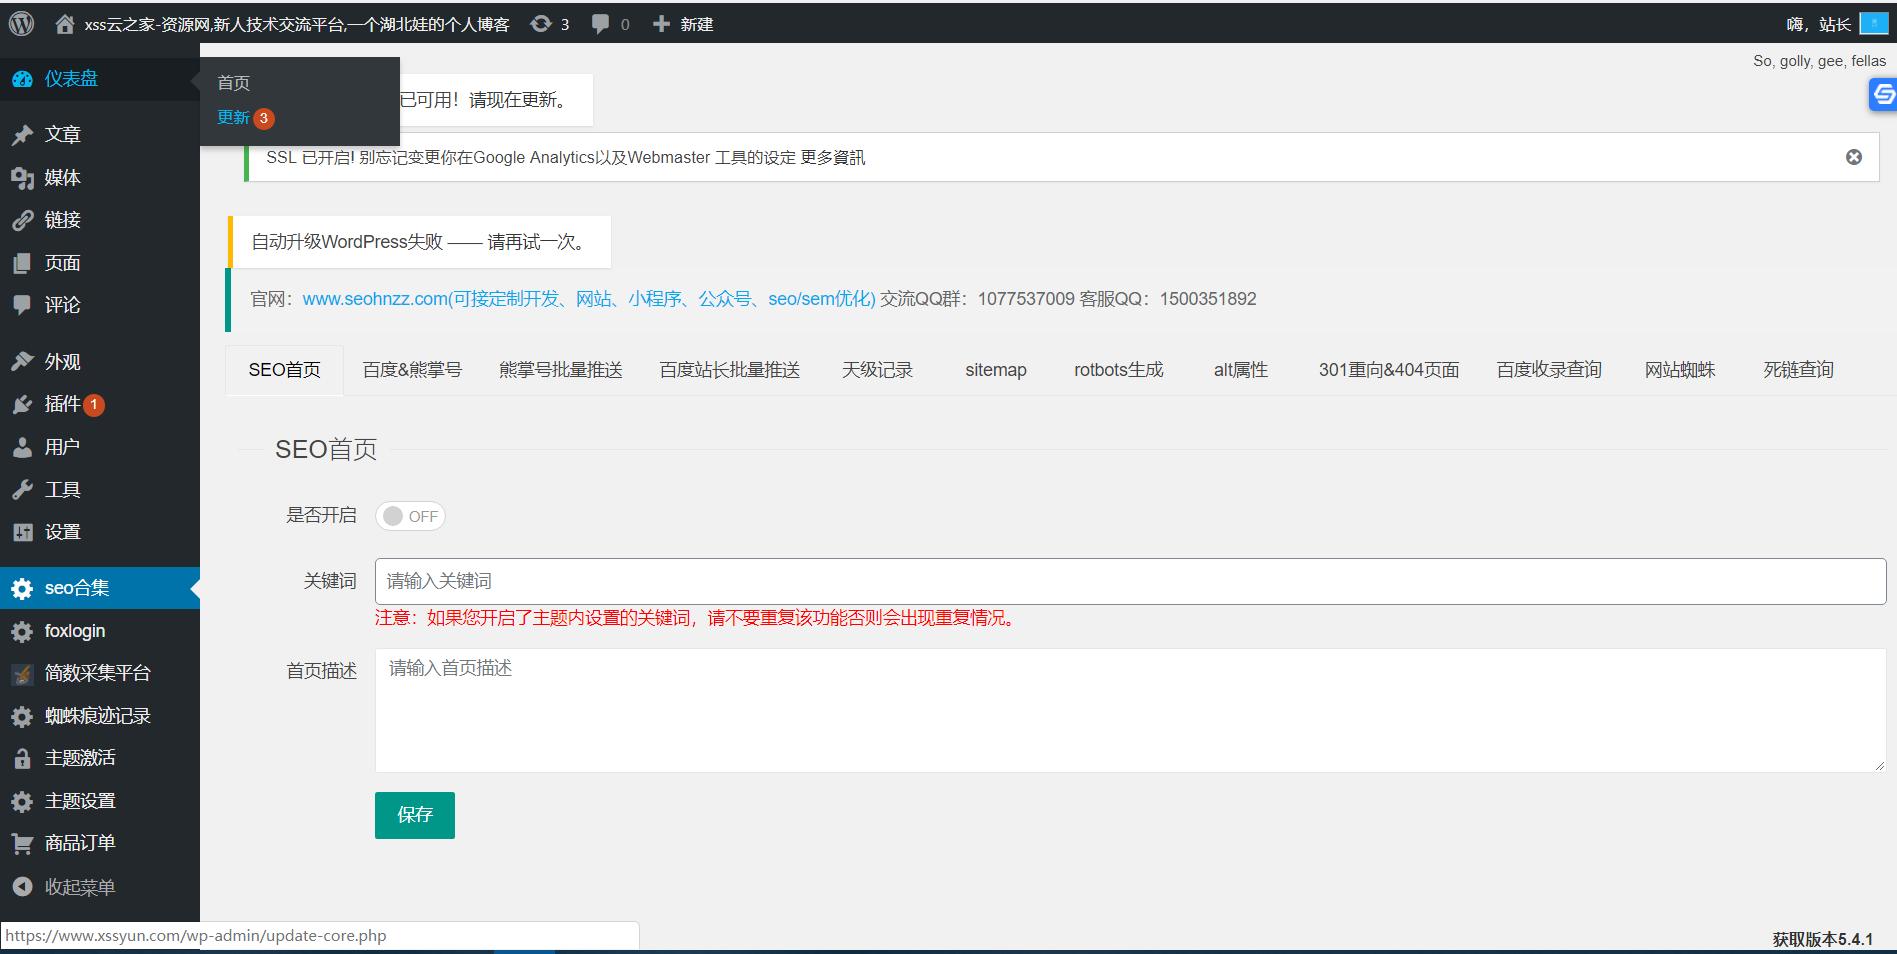 给大家分享个超好用的免费wordpress网站seo合集优化插件/关键词/sitemap/百度推送/熊掌号推送/robots/301/404